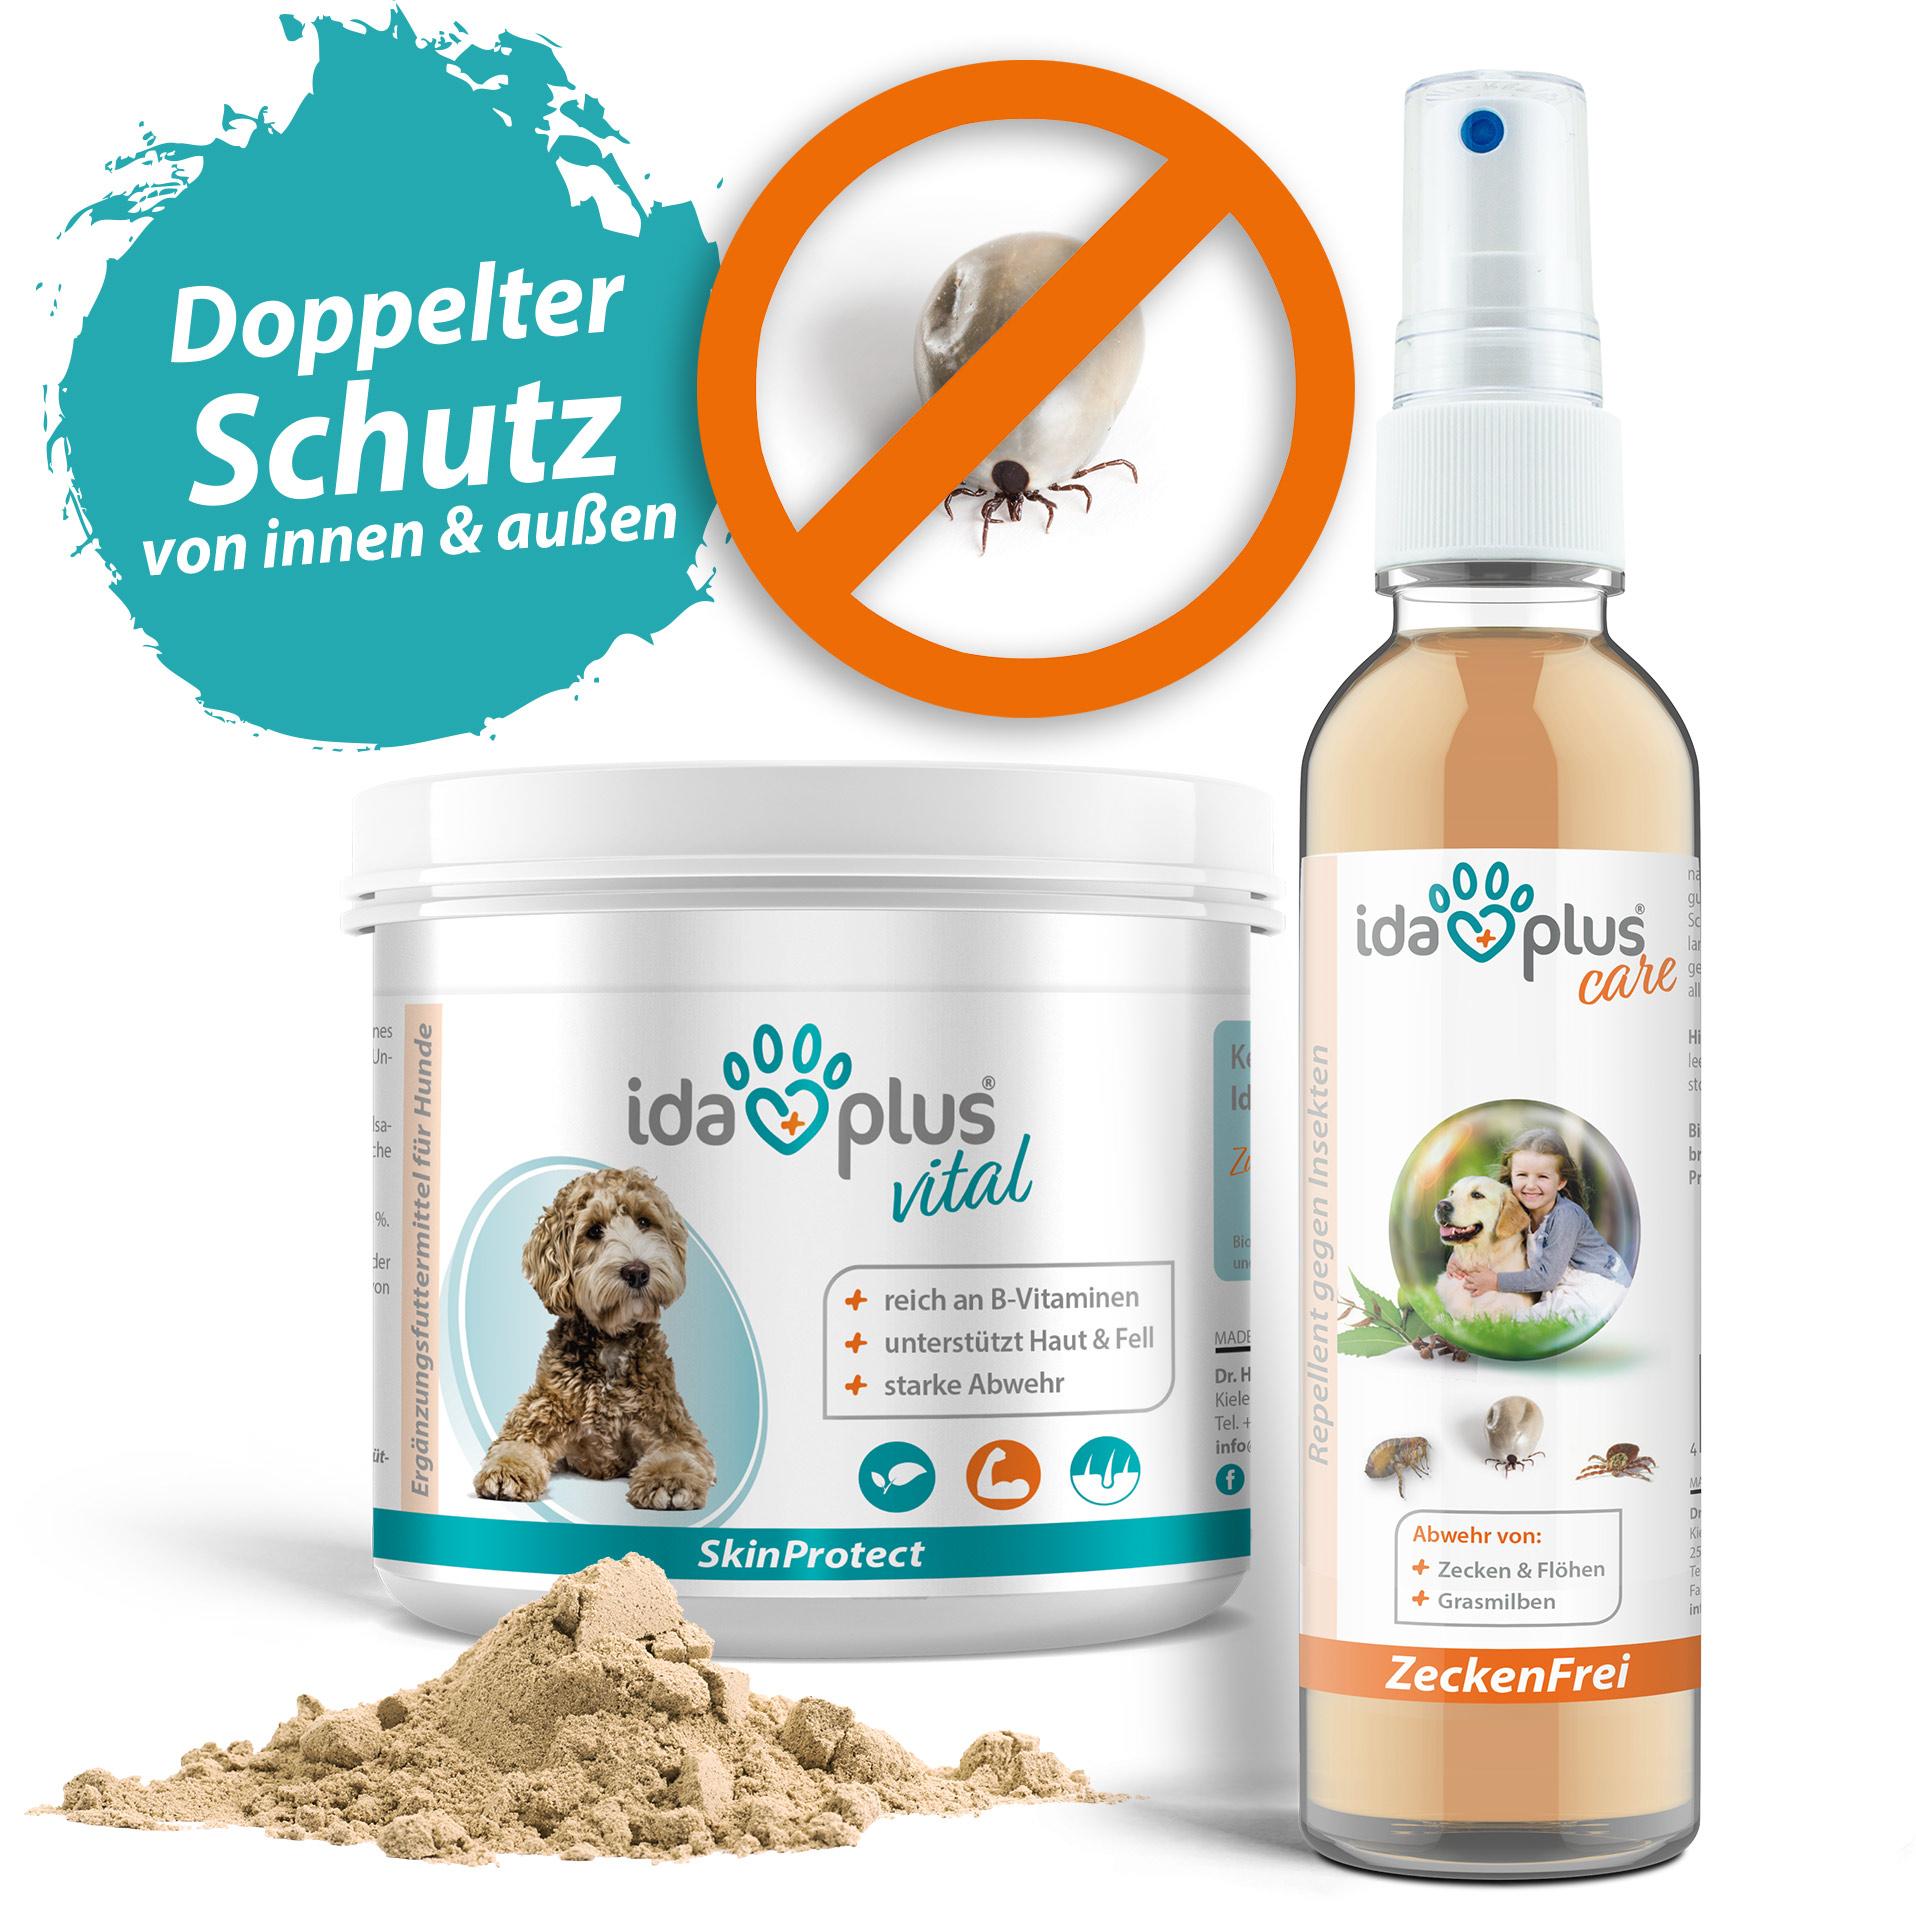 Ida Plus Zeckenschutz Set - Schutz für Hunde - Zeckenfrei 200ml + SkinProtect 250g